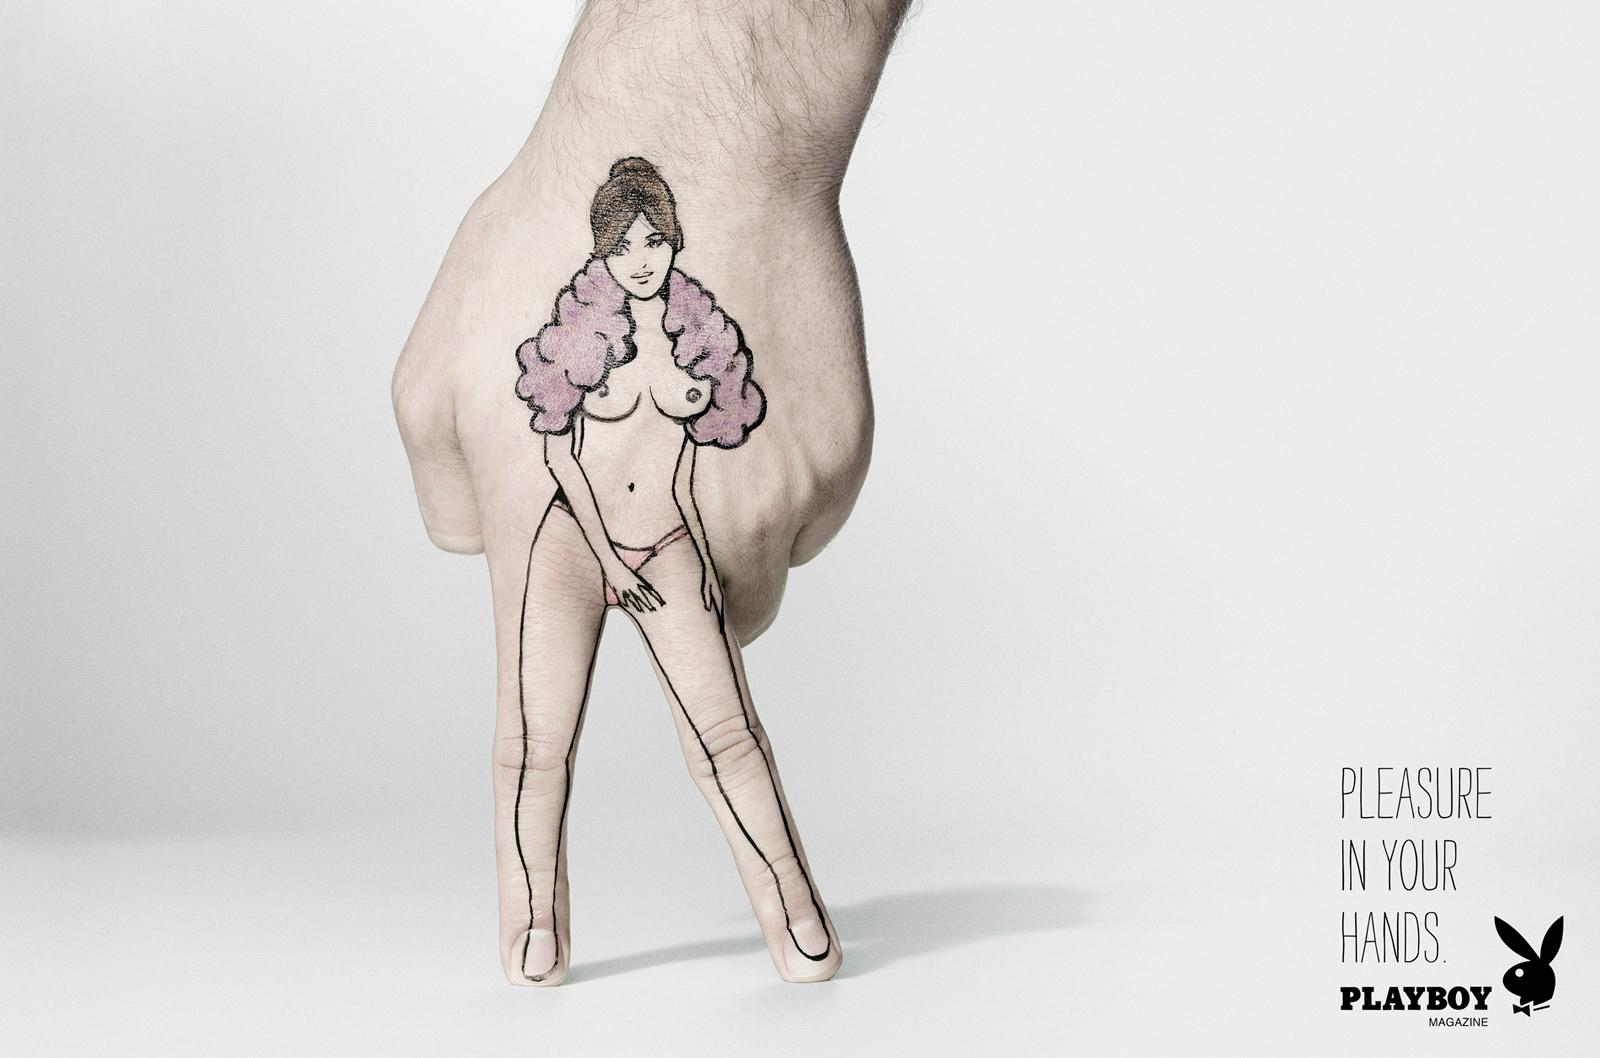 Playboy1.jpg